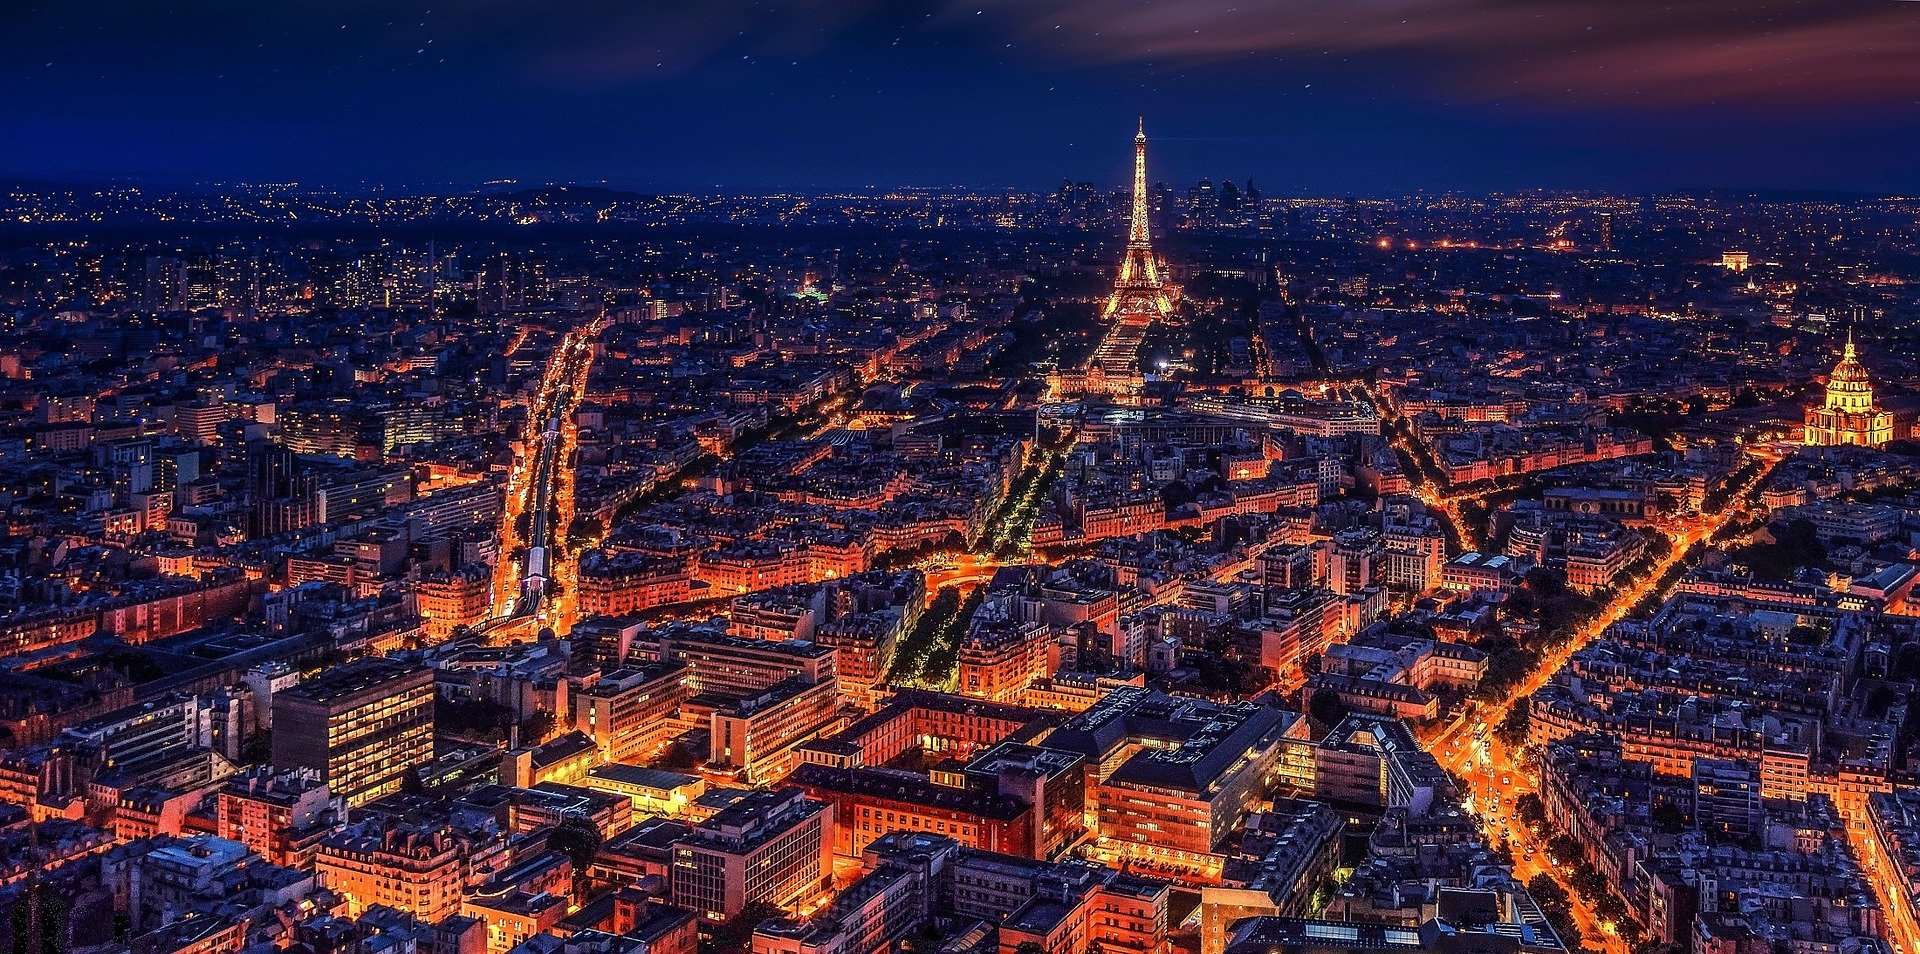 Країна любові, круасанів і не тільки: 20 фактів про Францію, які вас здивують